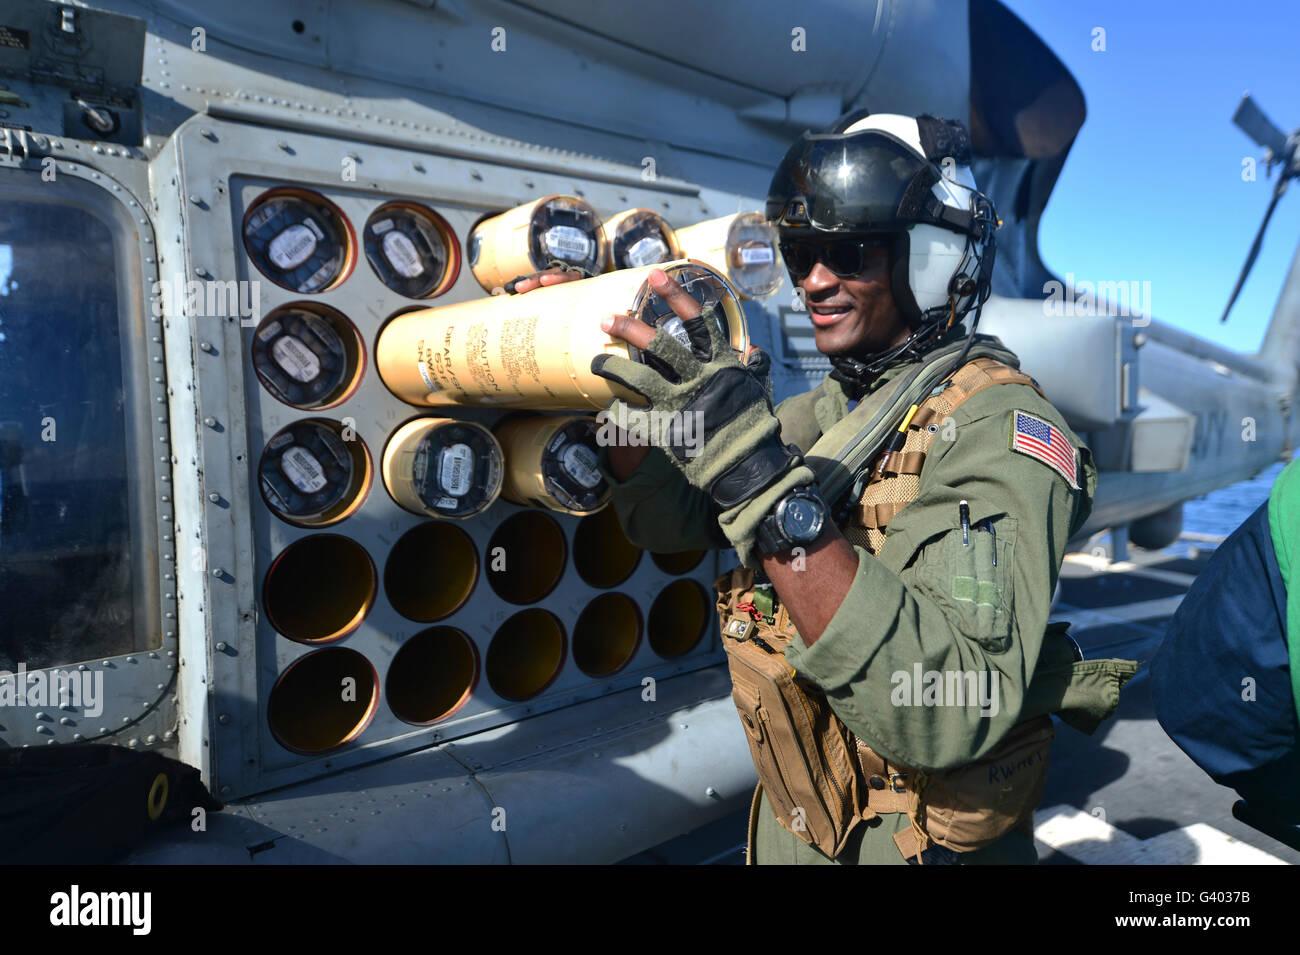 Naval Aircrewman carica una boa sonar in un MH-60R Sea Hawk elicottero. Immagini Stock